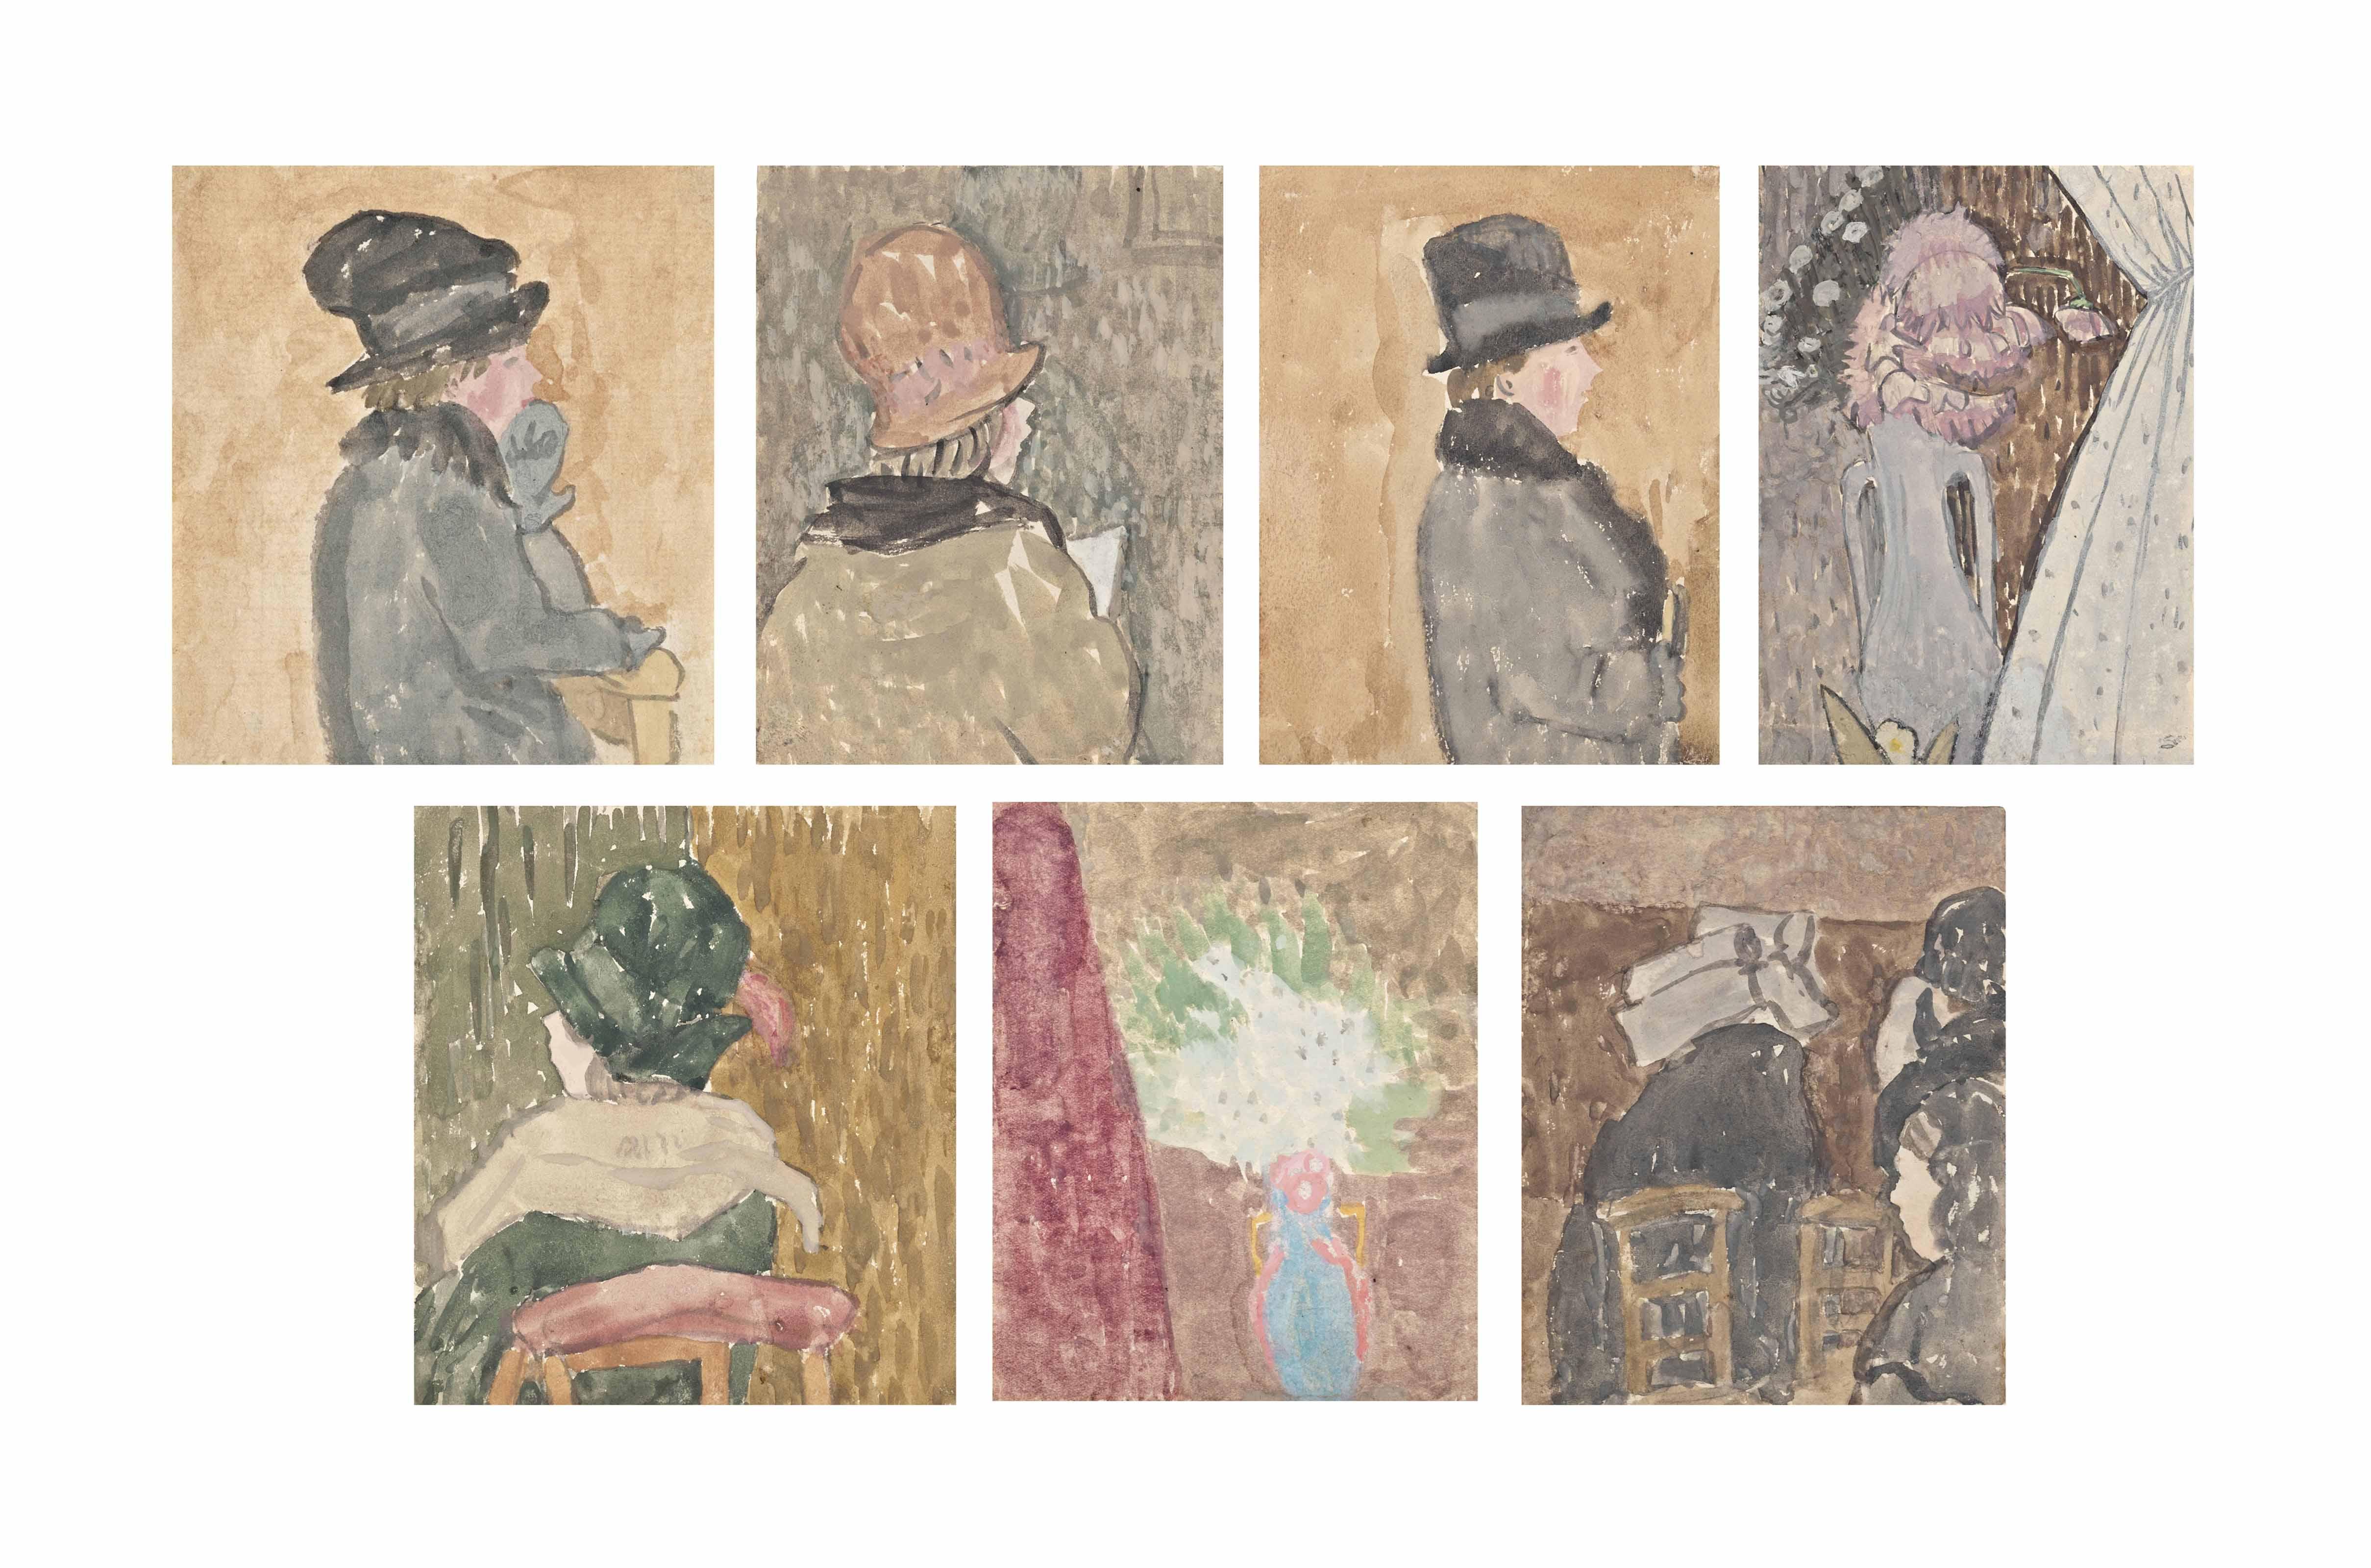 La Retraite, sketchbook, March 1928